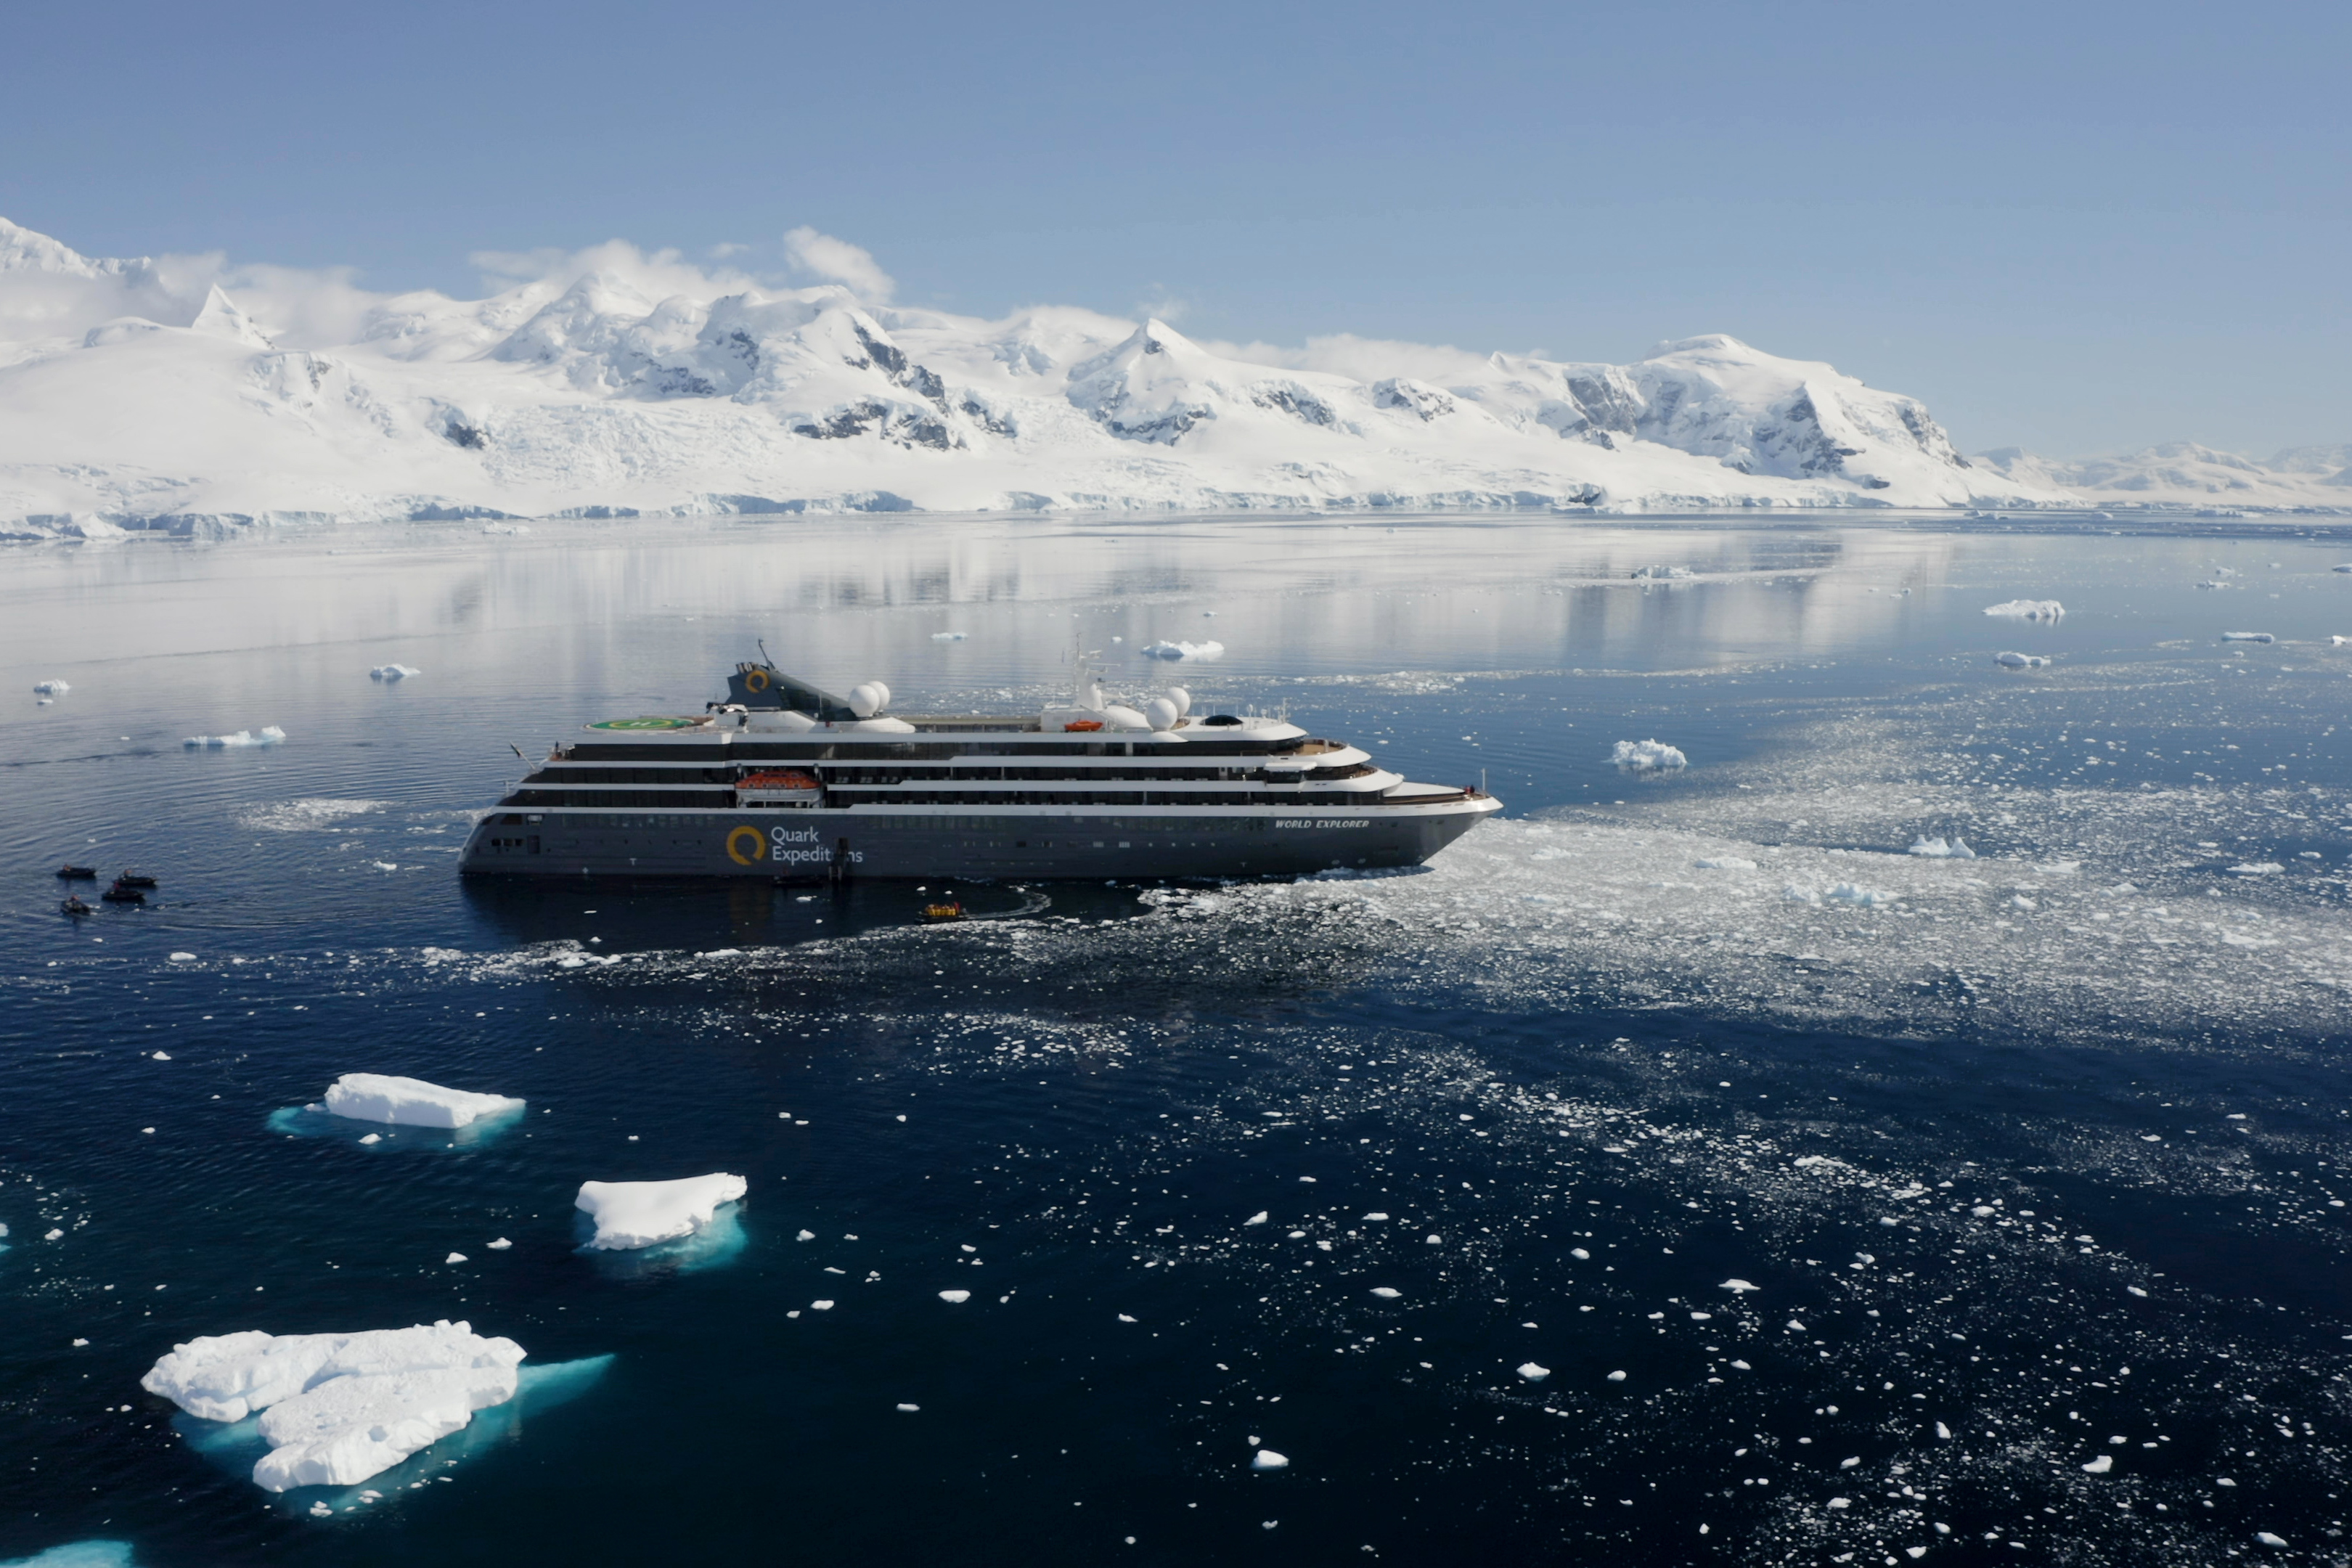 Quark Expeditions - World Explorer in Antarctica